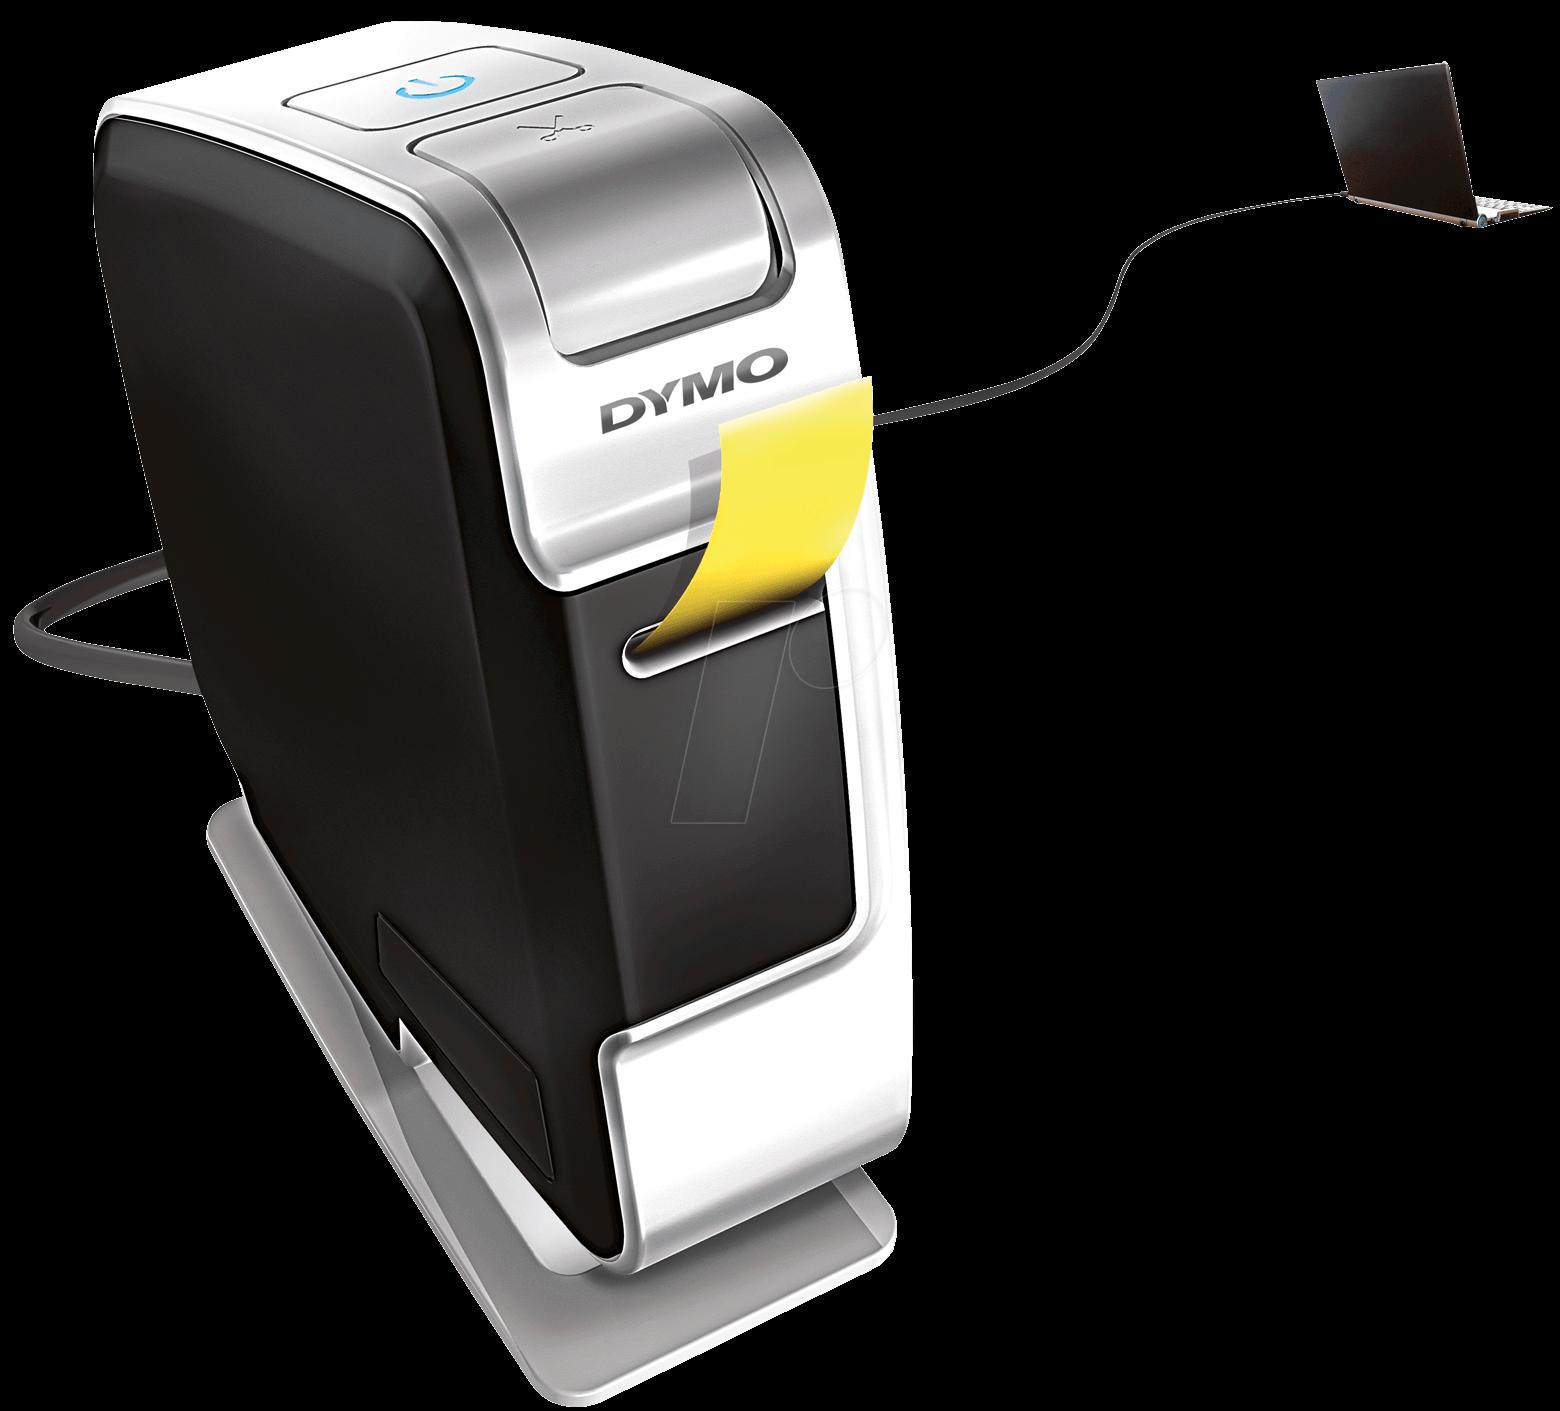 Mehlwürmer Bekämpfung dymo lm pnp dymo beschriftungsgerät mit pc anschluss bei reichelt elektronik